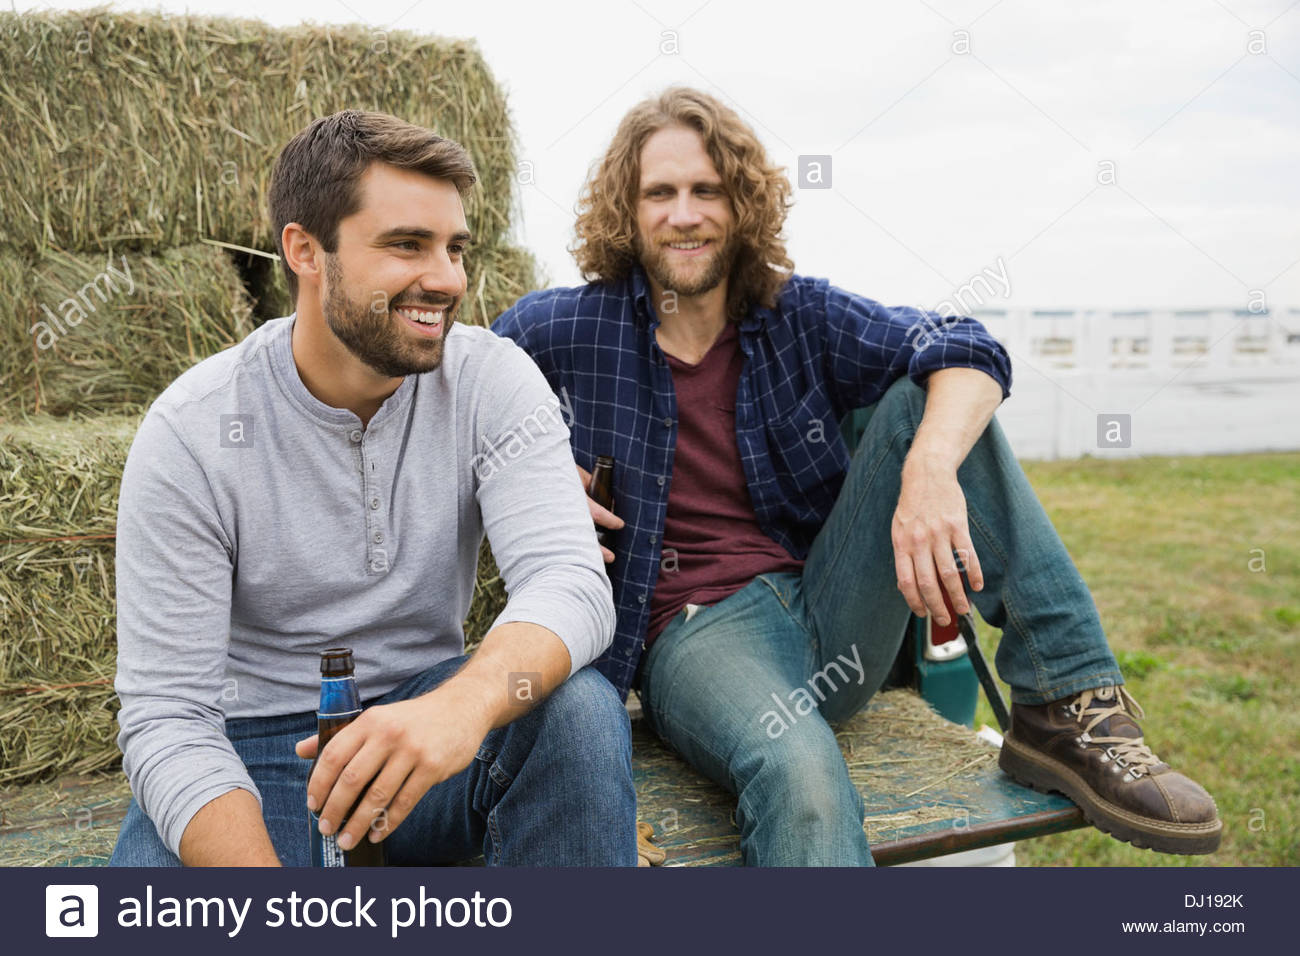 Amici di sesso maschile seduto nel retro del pick-up Immagini Stock